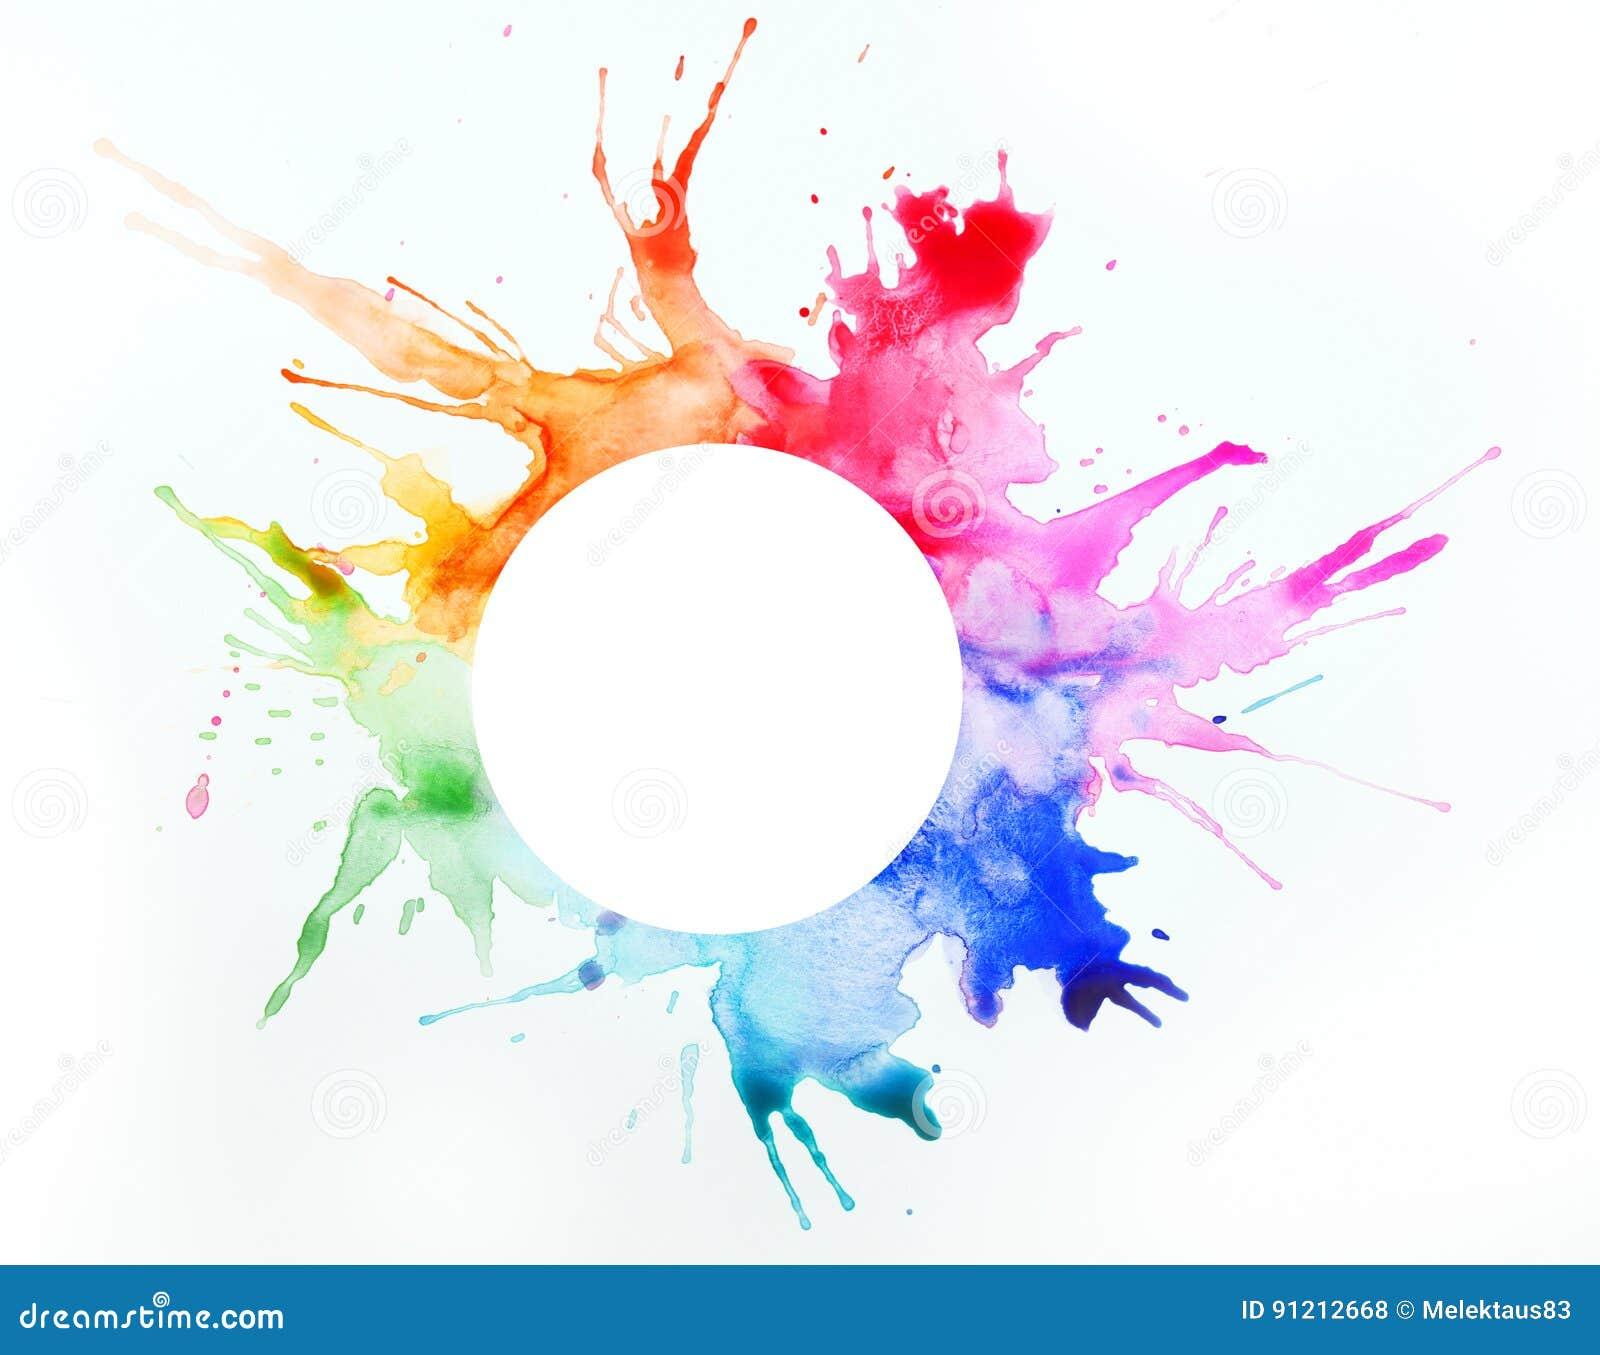 Peinture sur une feuille de papier